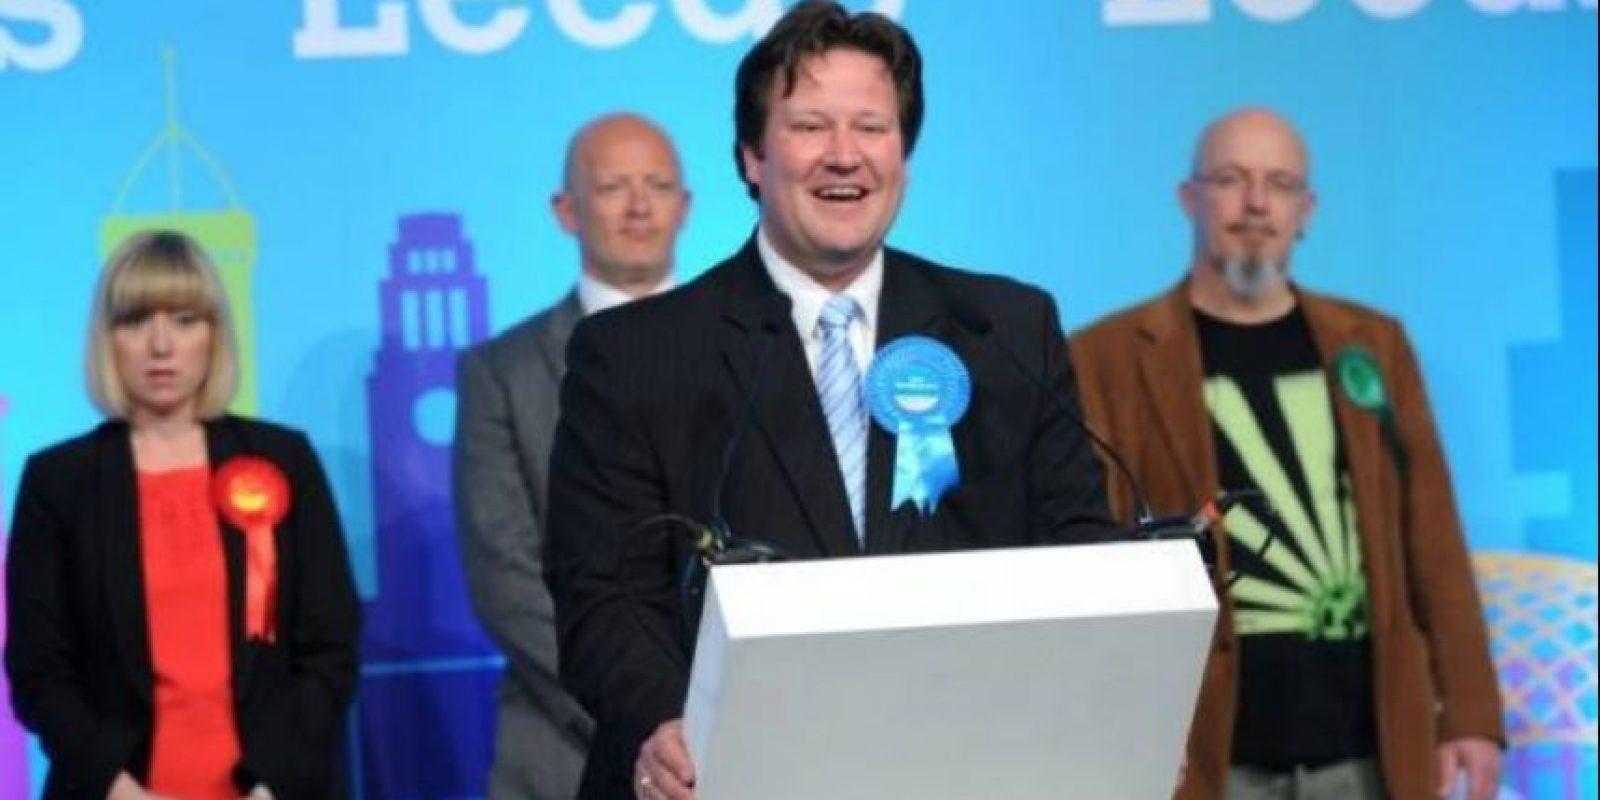 Alec Shelbrooke es miembro del Partido Conservador de Reino Unido. Foto:Vía facebook.com/alec.shelbrooke